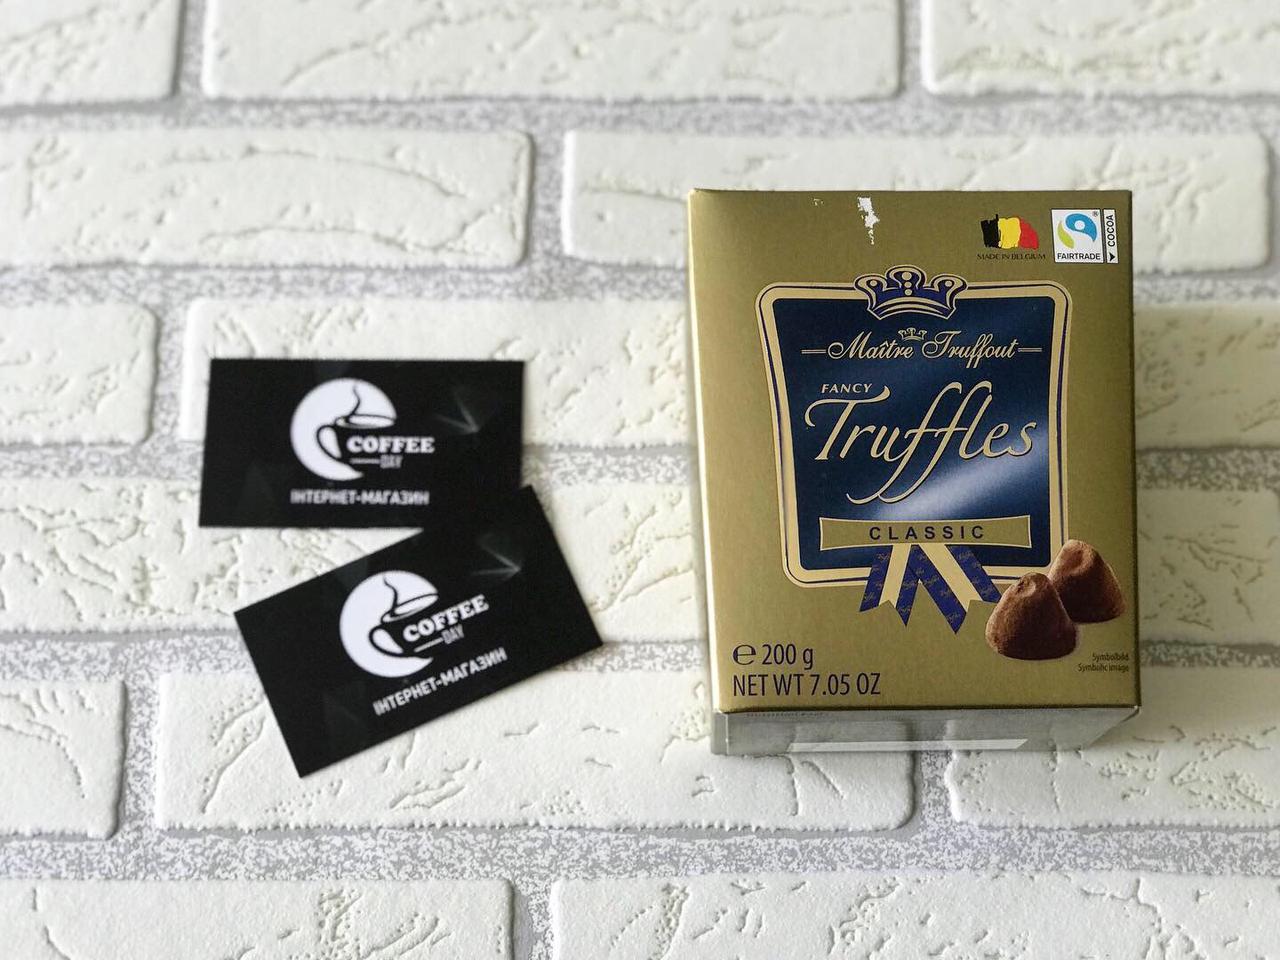 Шоколад Maitre Truffout Truffles Classic, 200г, класичний трюфель з темного бельгійського шоколаду